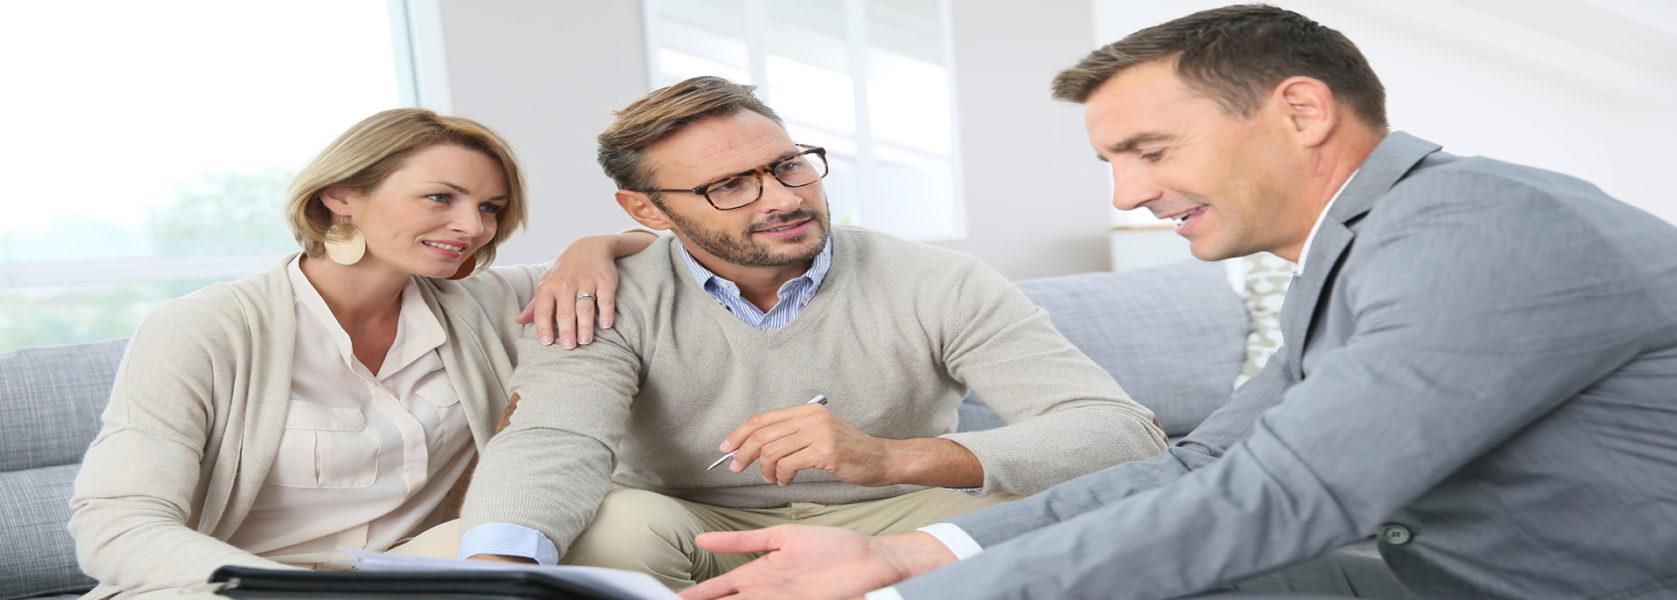 Wir entwickeln mit Ihnen gemeinsam individuelle Lösungen, damit Sie Ihrem Ruhestand gelassen entgegen sehen können